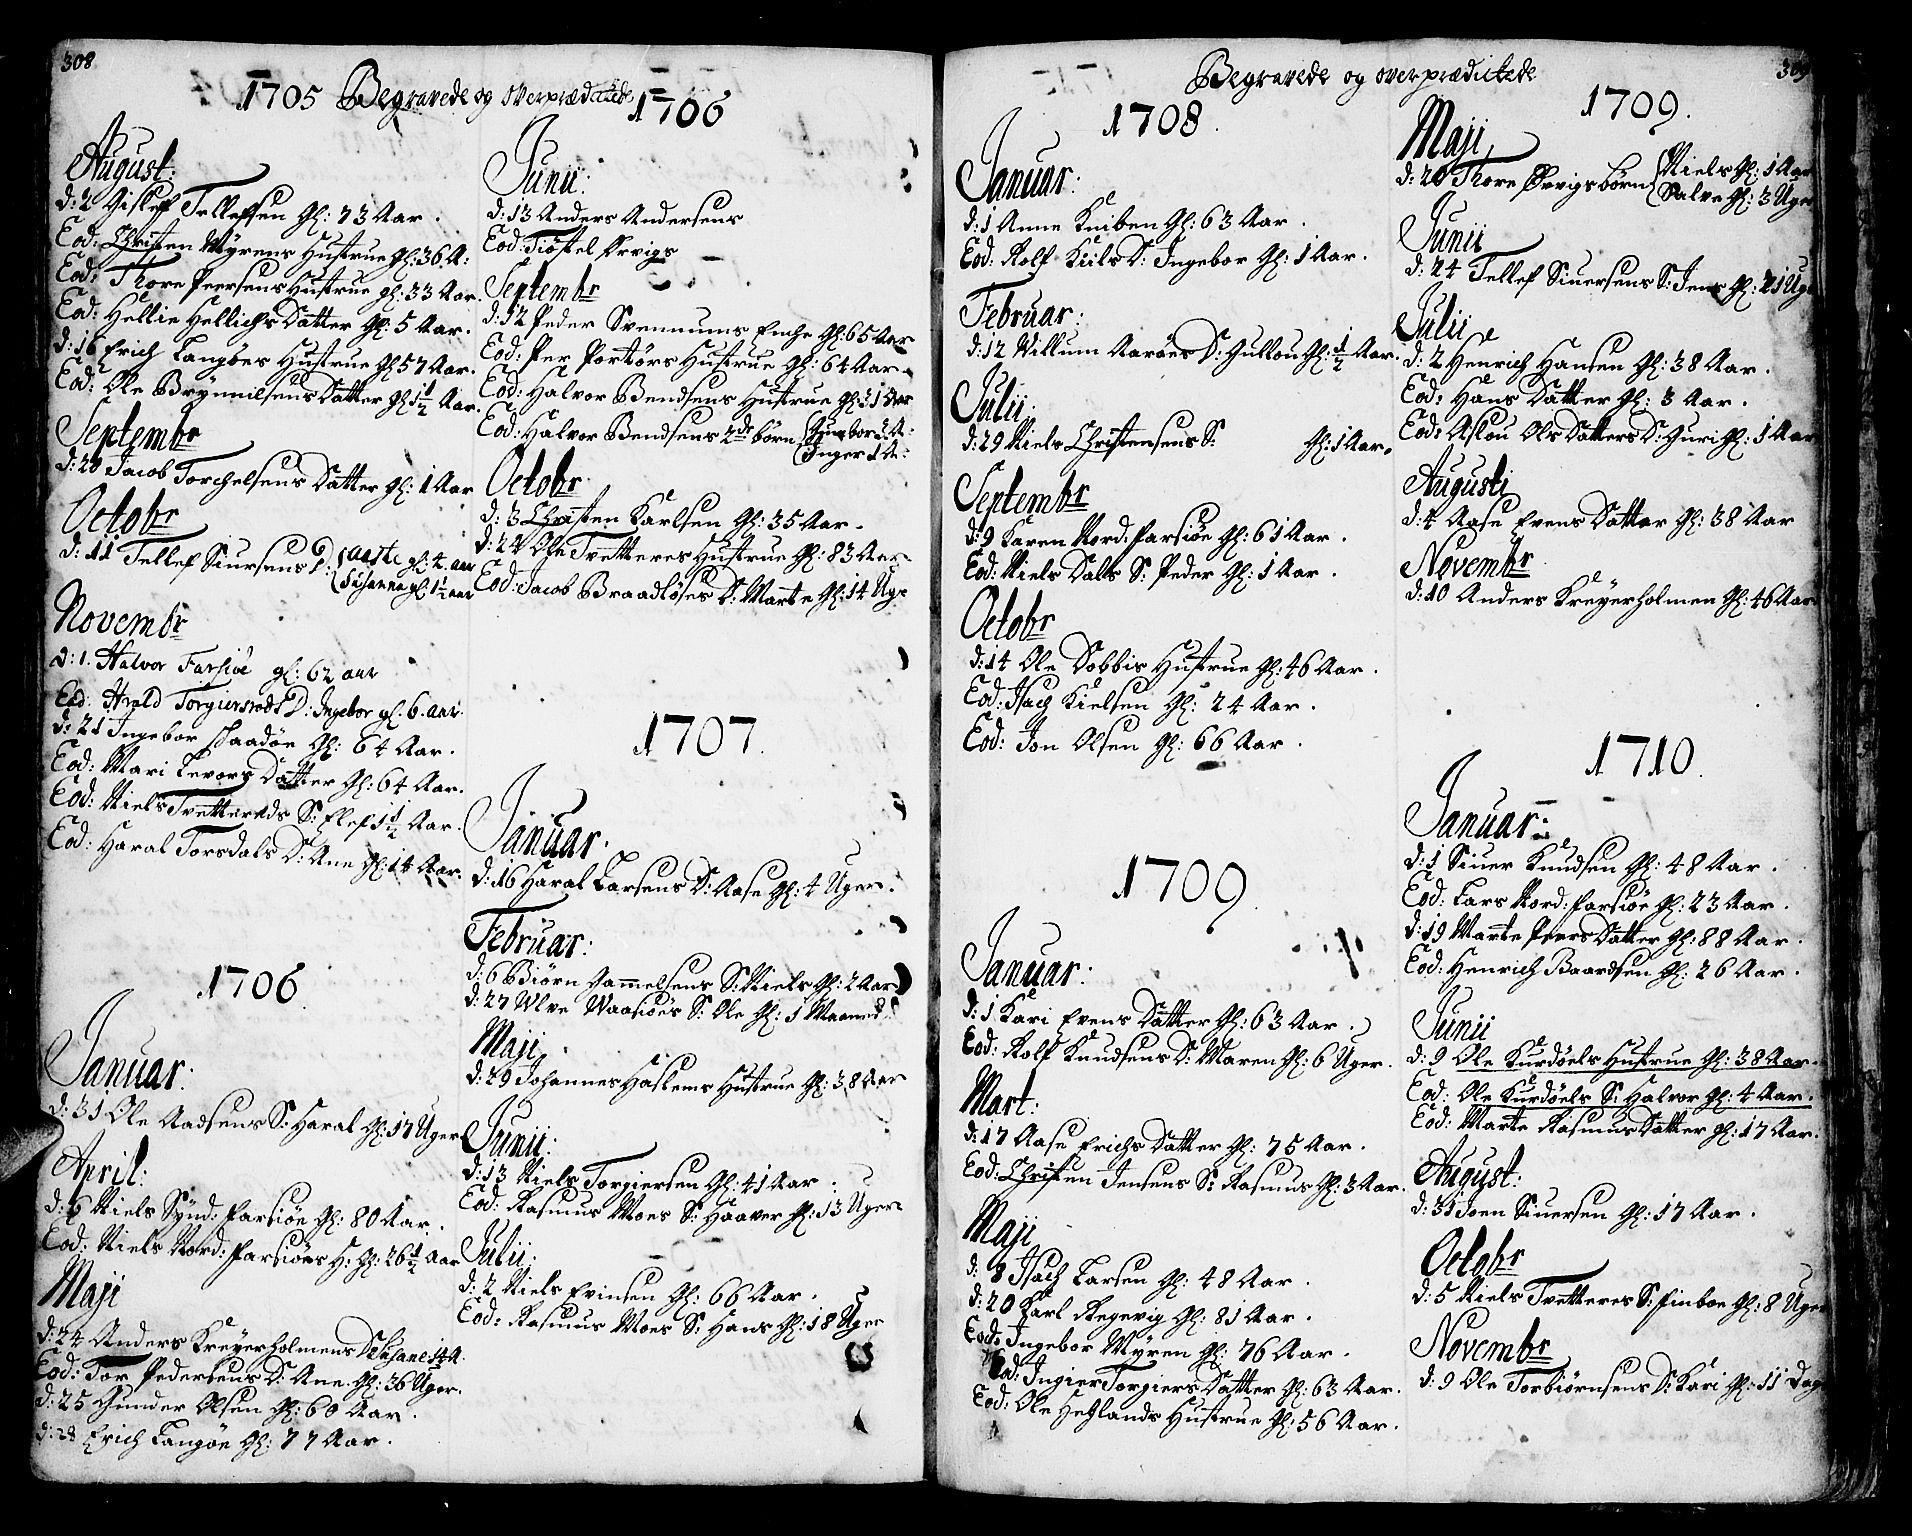 SAKO, Sannidal kirkebøker, F/Fa/L0001: Ministerialbok nr. 1, 1702-1766, s. 308-309